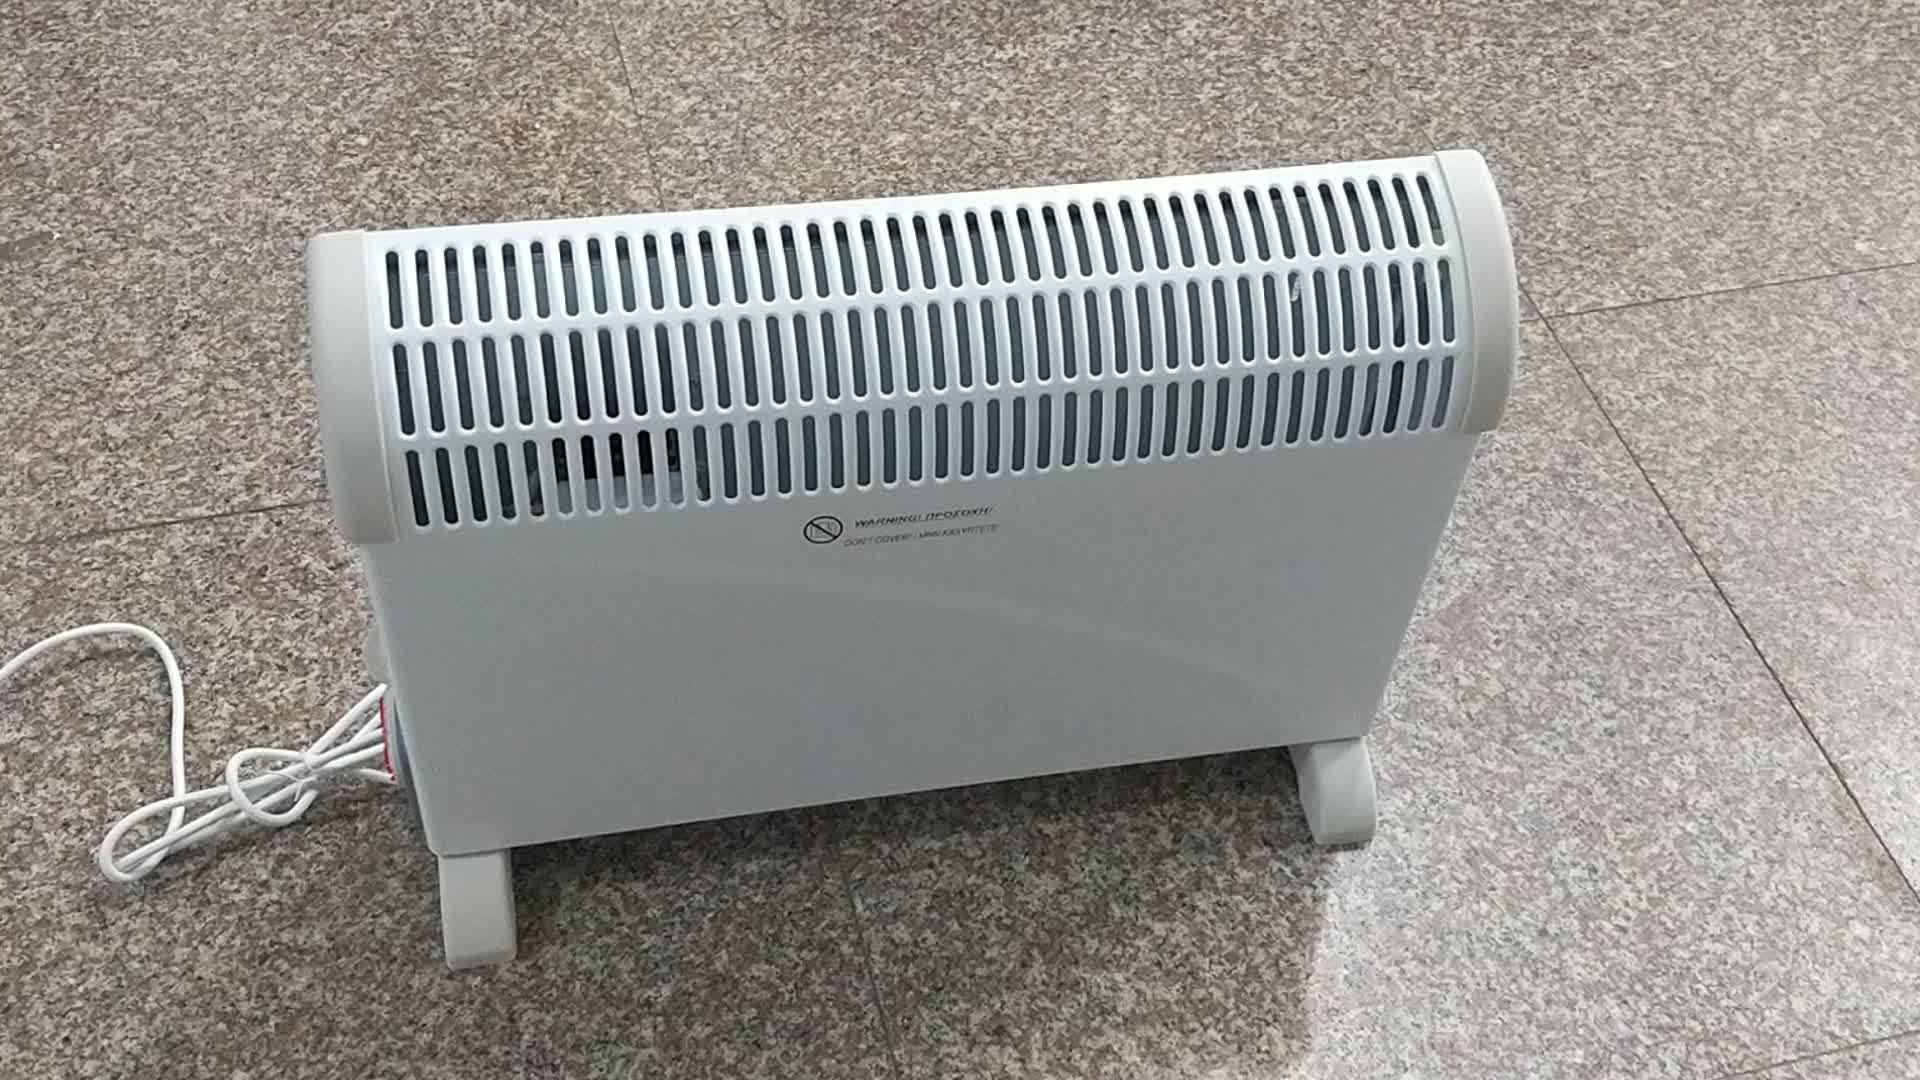 जी एस/सीई/RoHS/ईआरपी अनुमोदित इलेक्ट्रिक Convector हीटर 2000 W